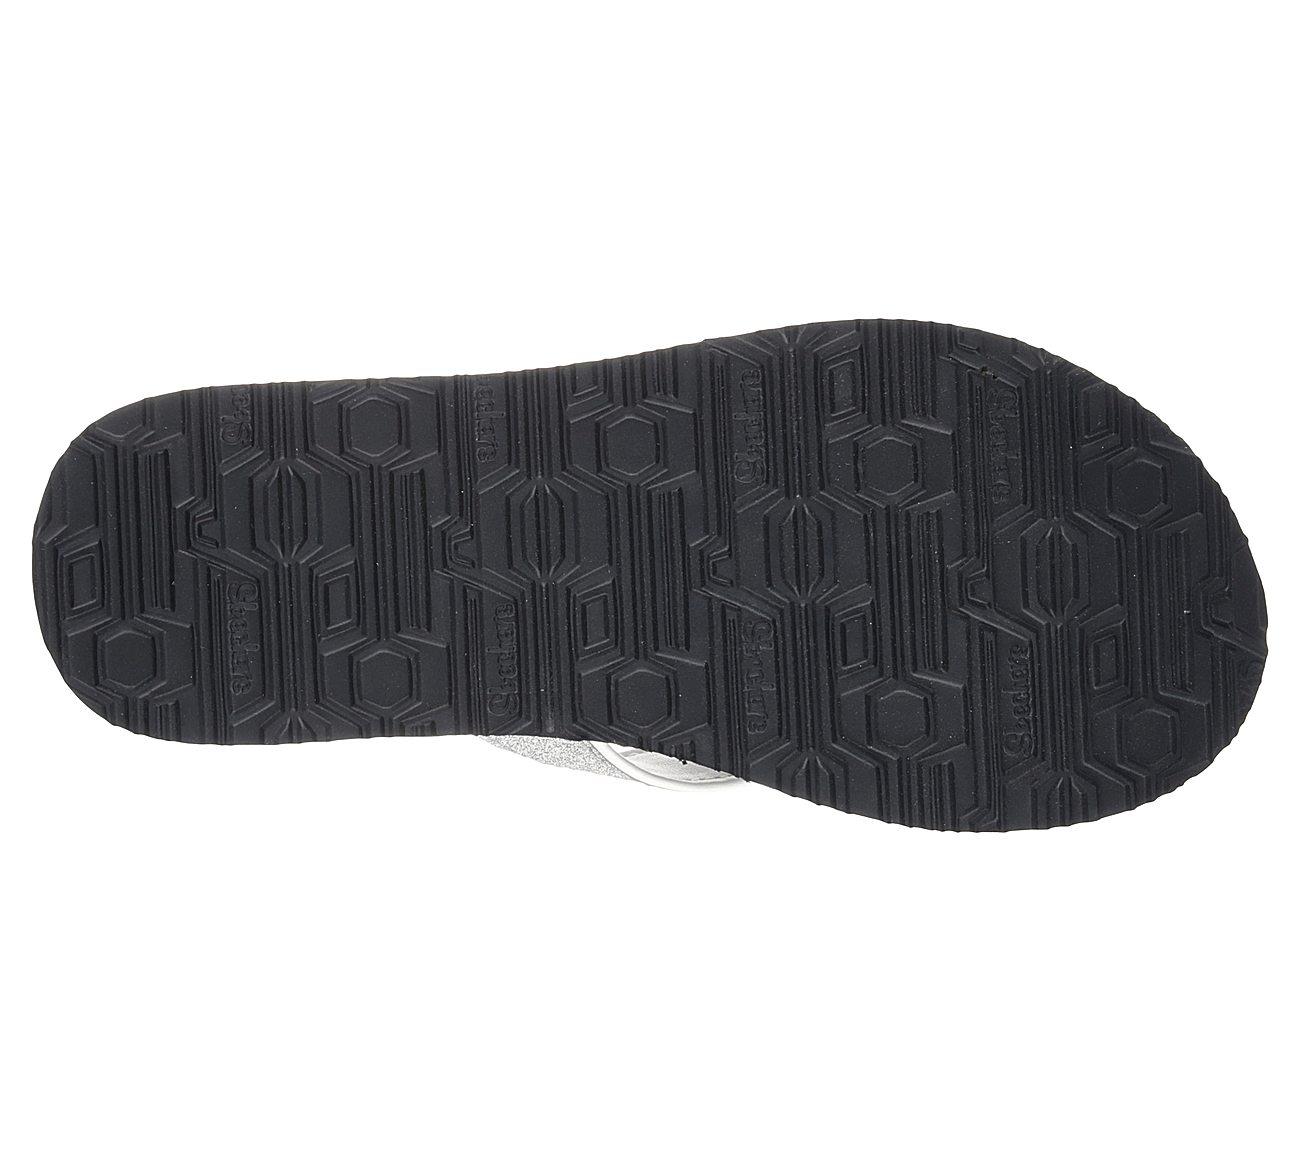 skechers yoga foam flip flops